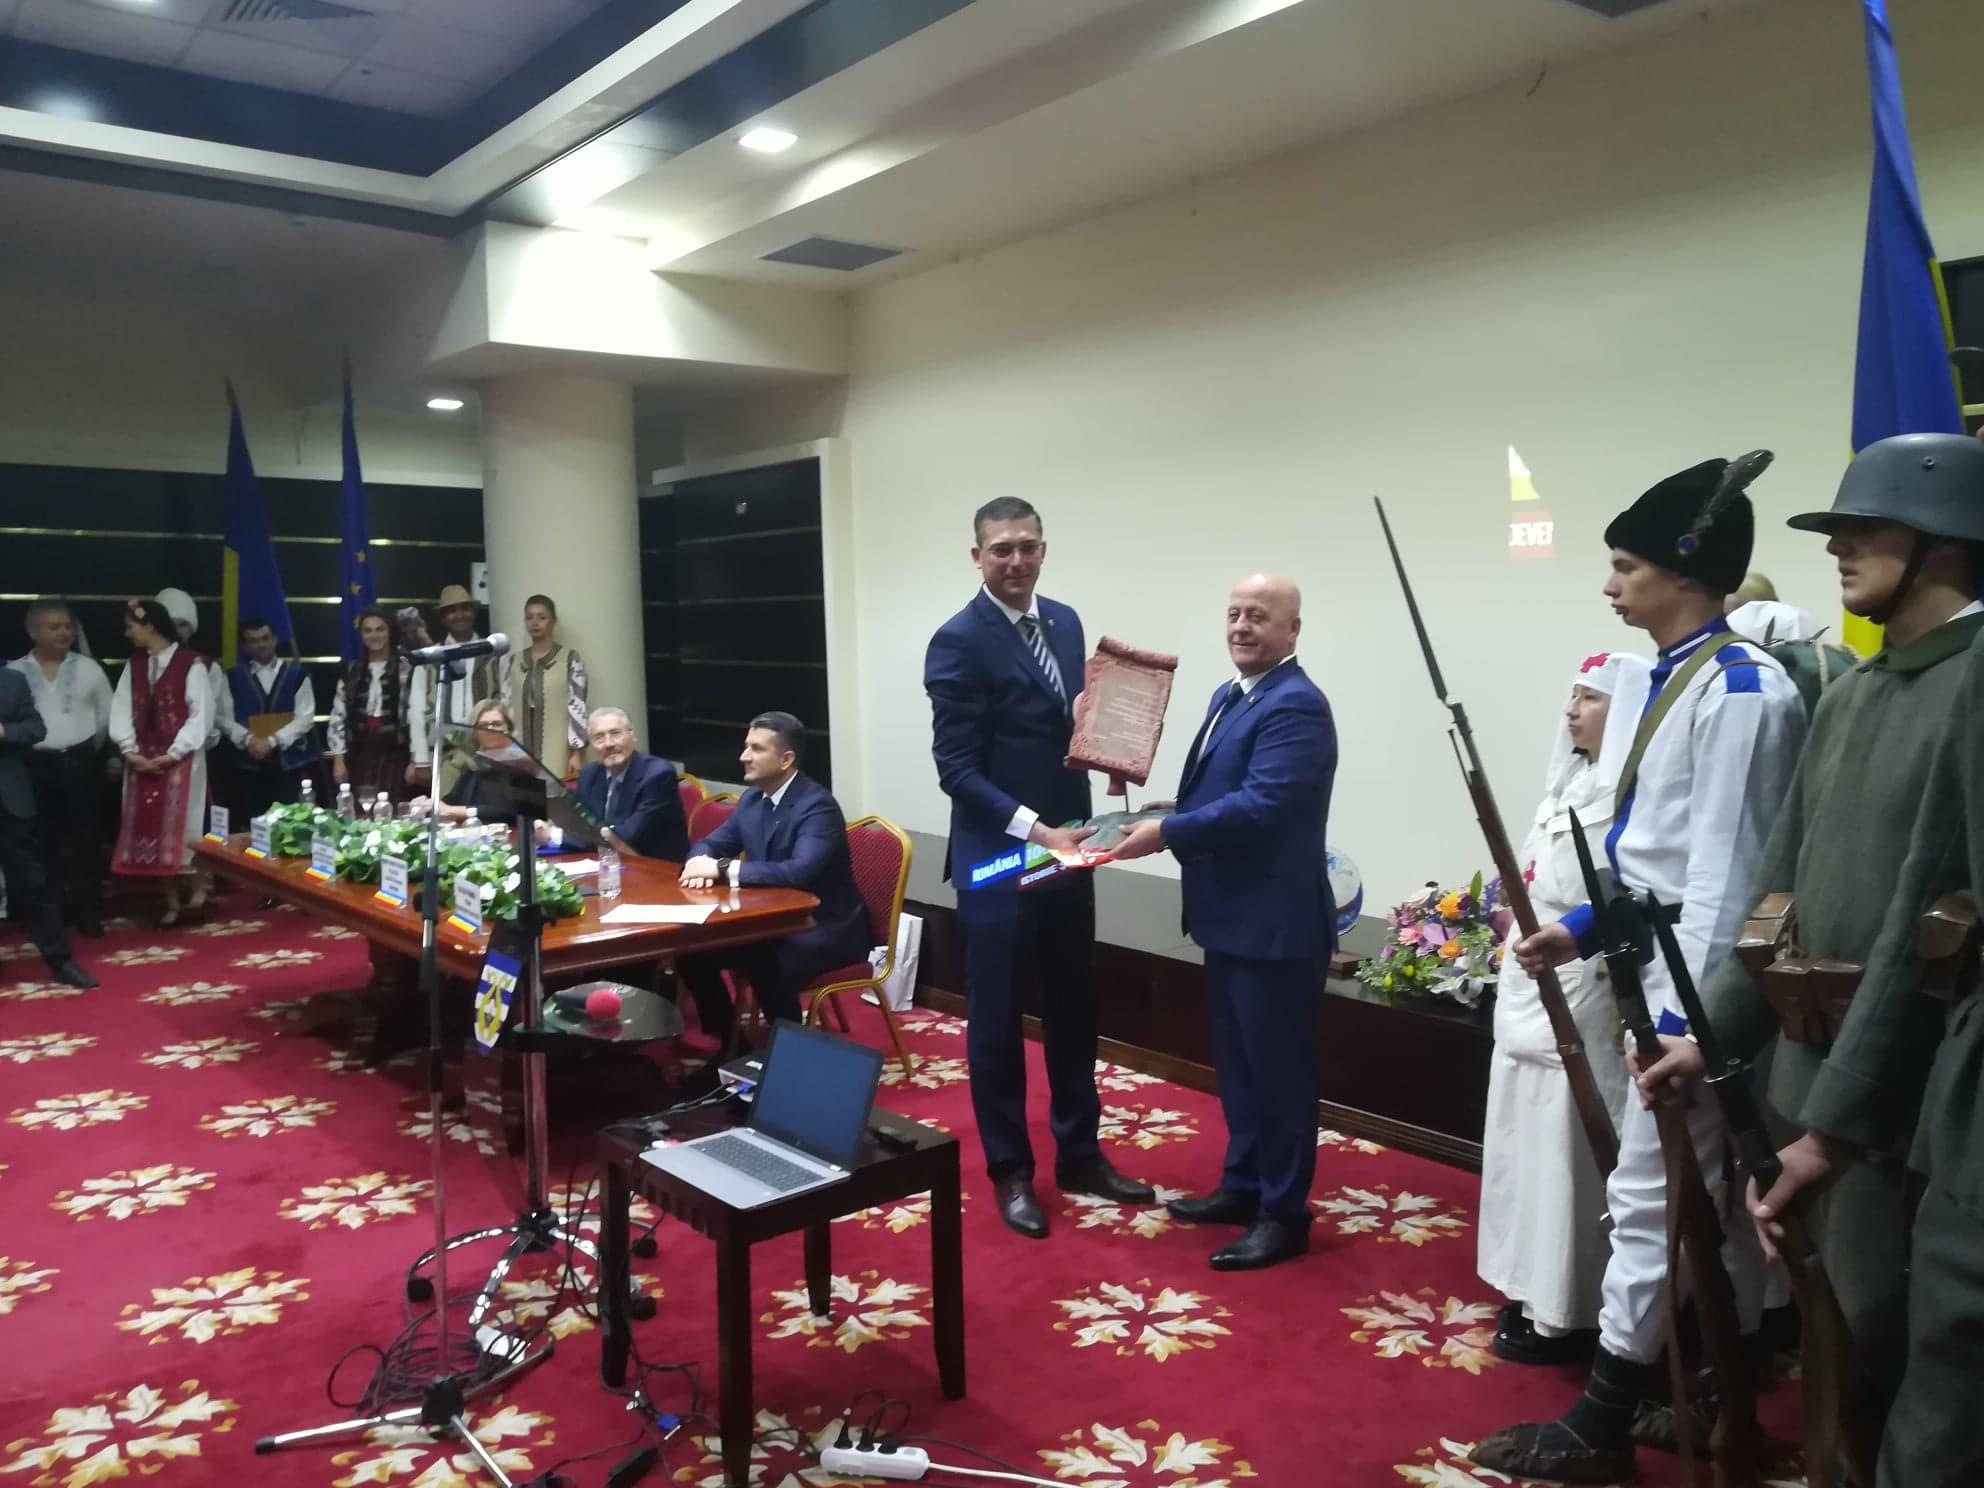 Eveniment: 140 de ani de la unirea Dobrogei cu România, marcaţi printr-o şedinţă solemnă a consiliilor judeţene Tulcea şi Constanta